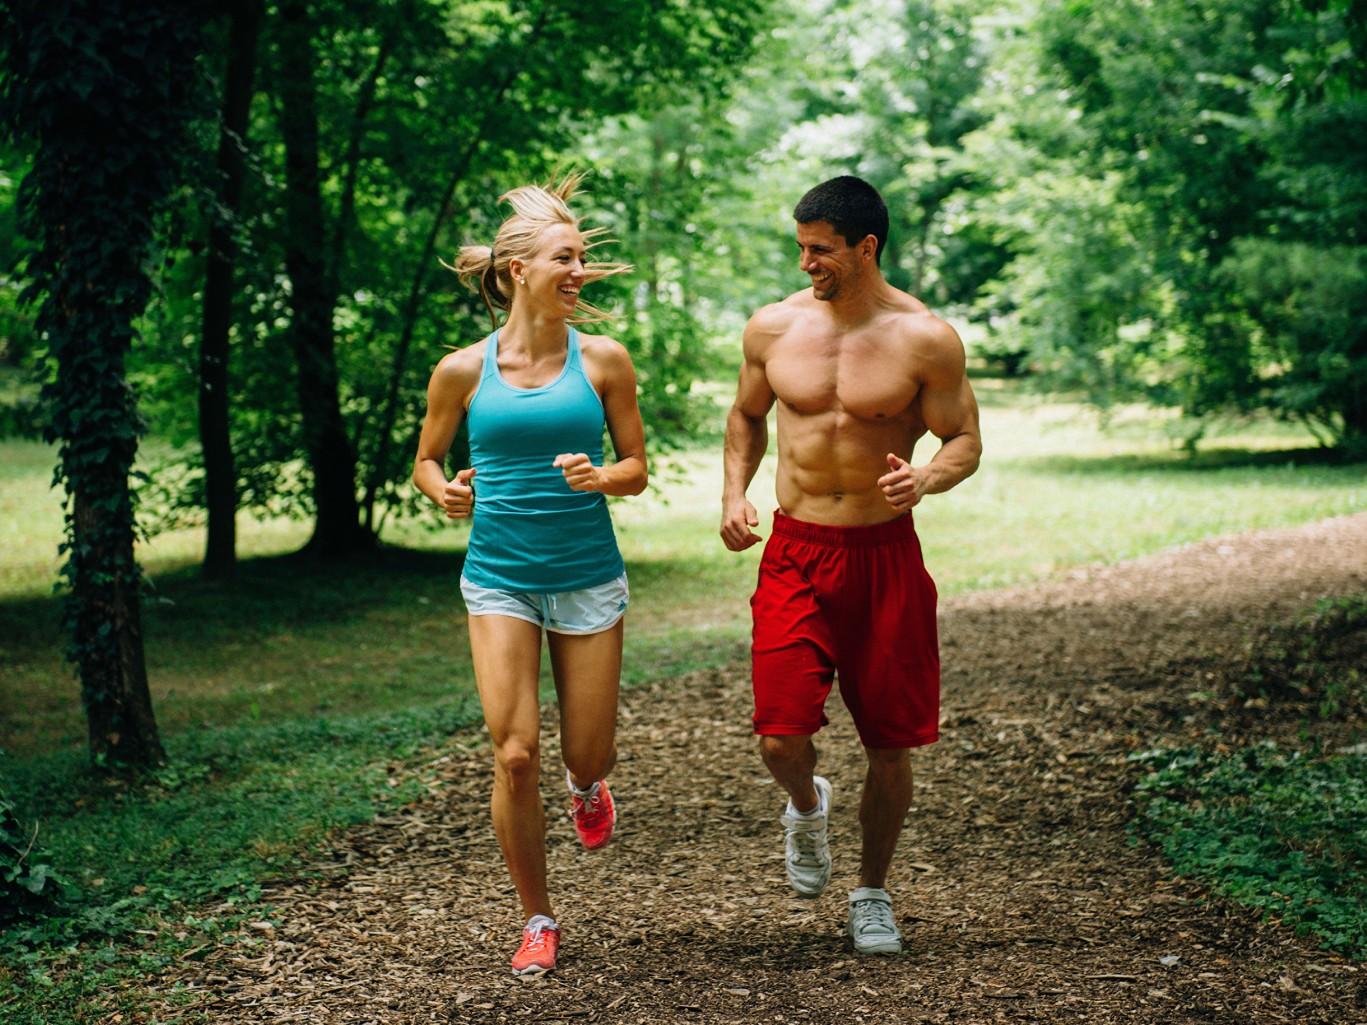 7 мест для занятий спортом на свежем воздухе